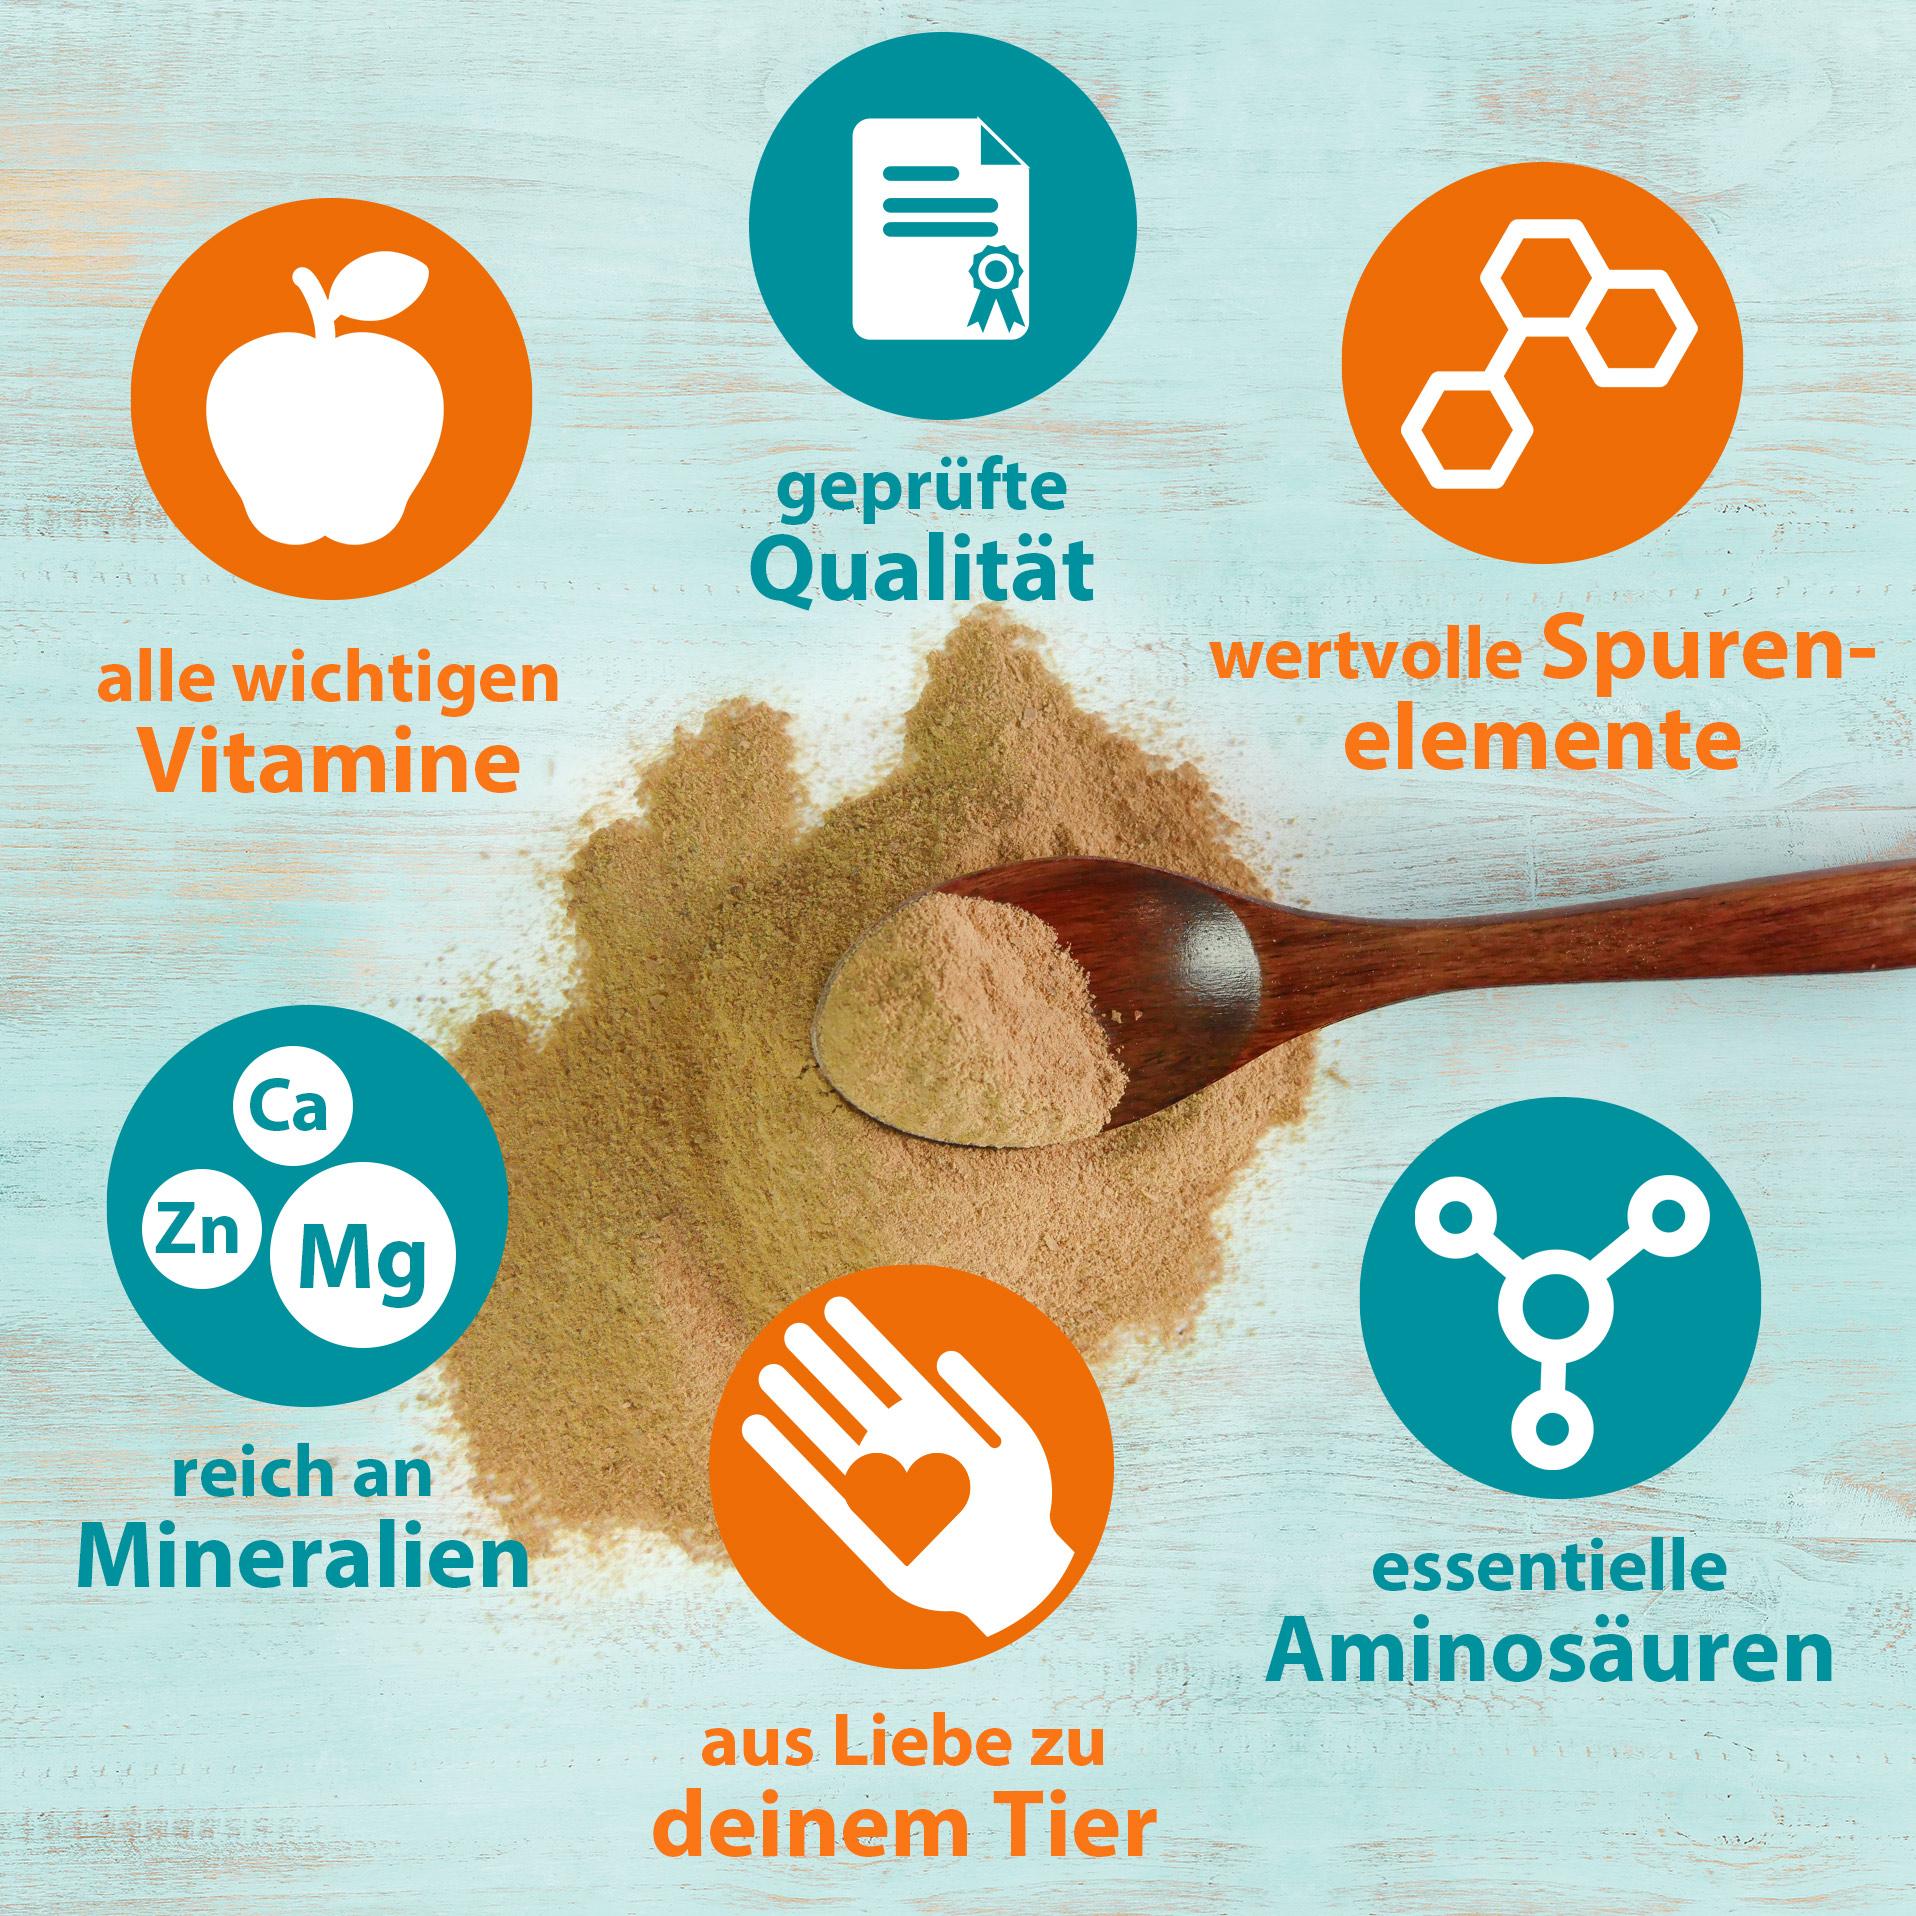 Bierhefe Pulver - Futterergänzung für glänzendes Fell & kräftige Haut 500 g